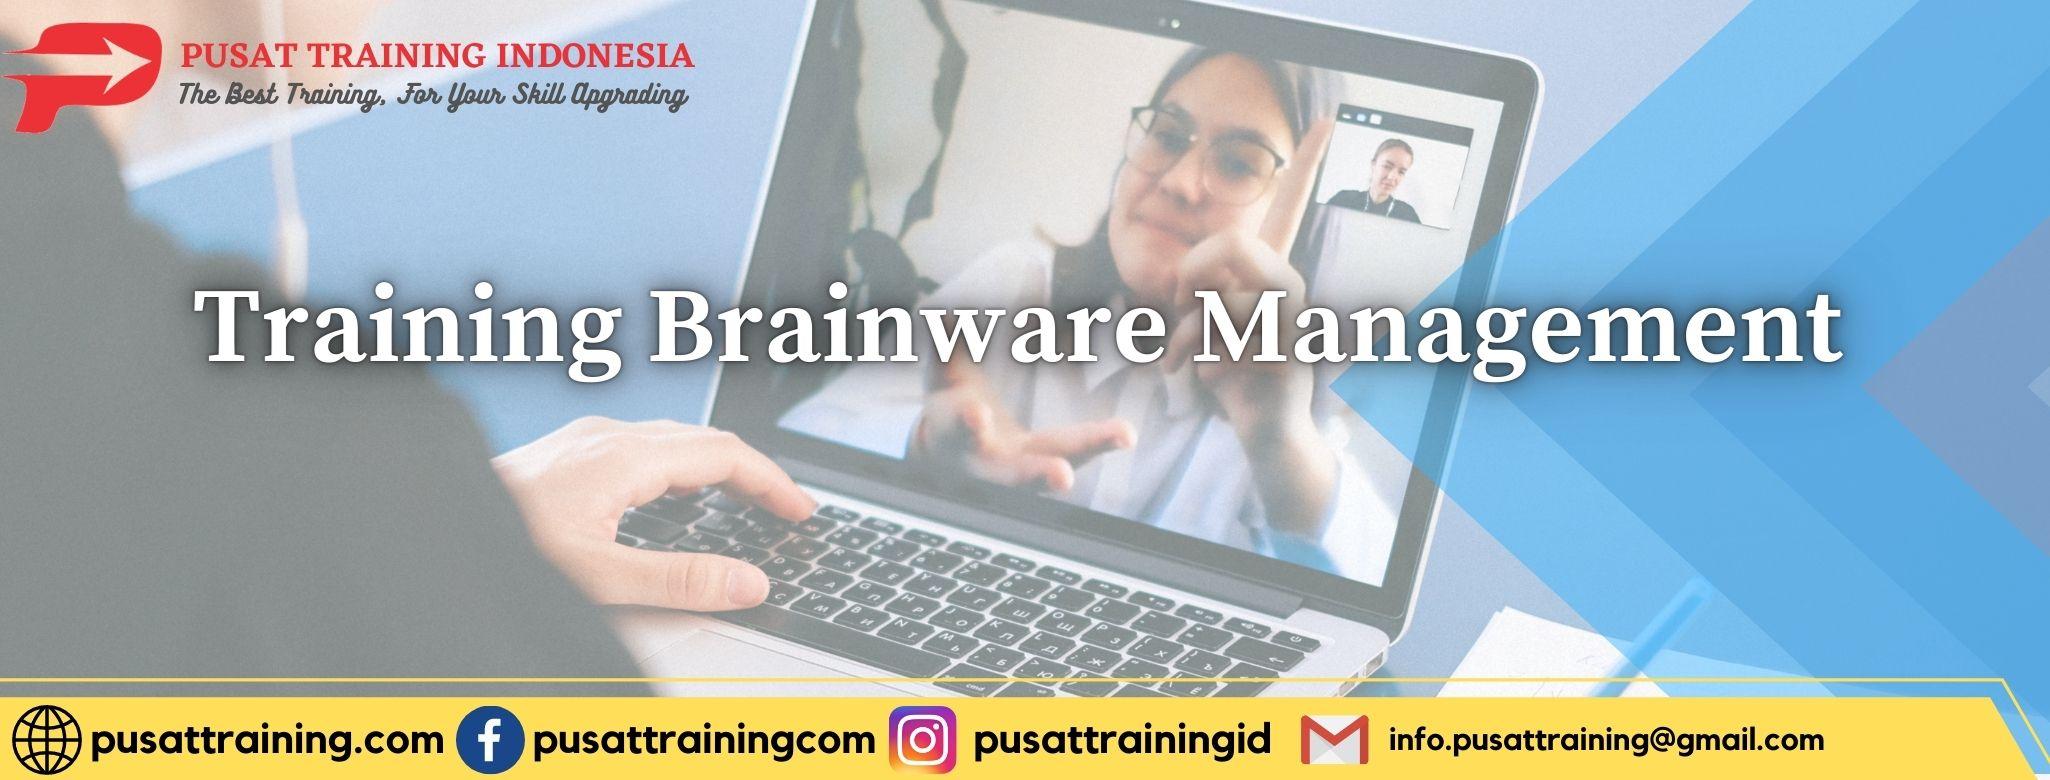 Training-Brainware-Management